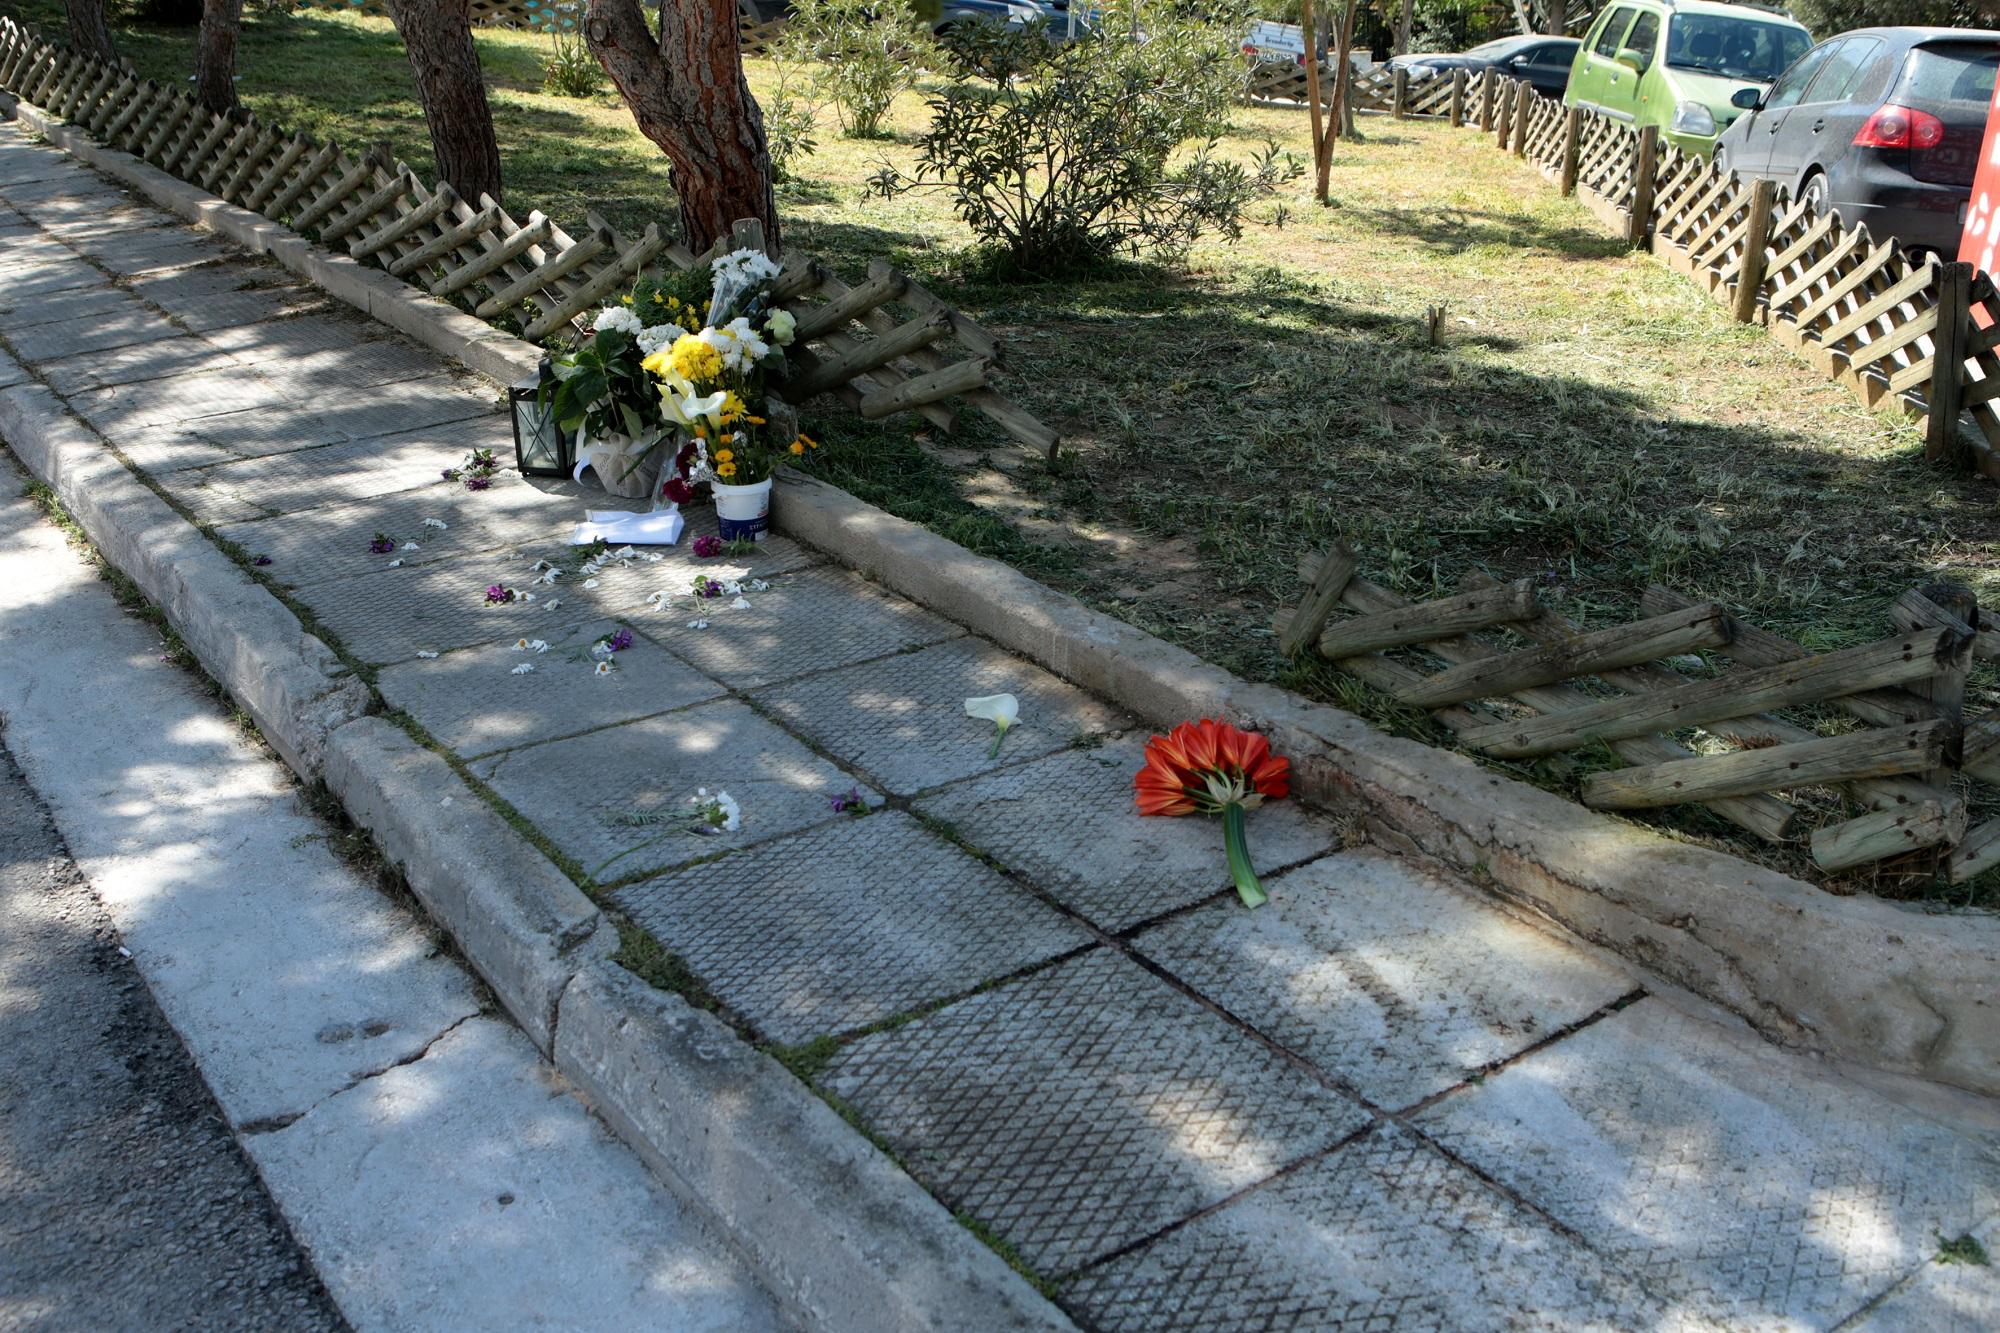 Δολοφονία Καραϊβάζ: Συμβόλαιο θανάτου βλέπει η ΕΛ.ΑΣ. (video)